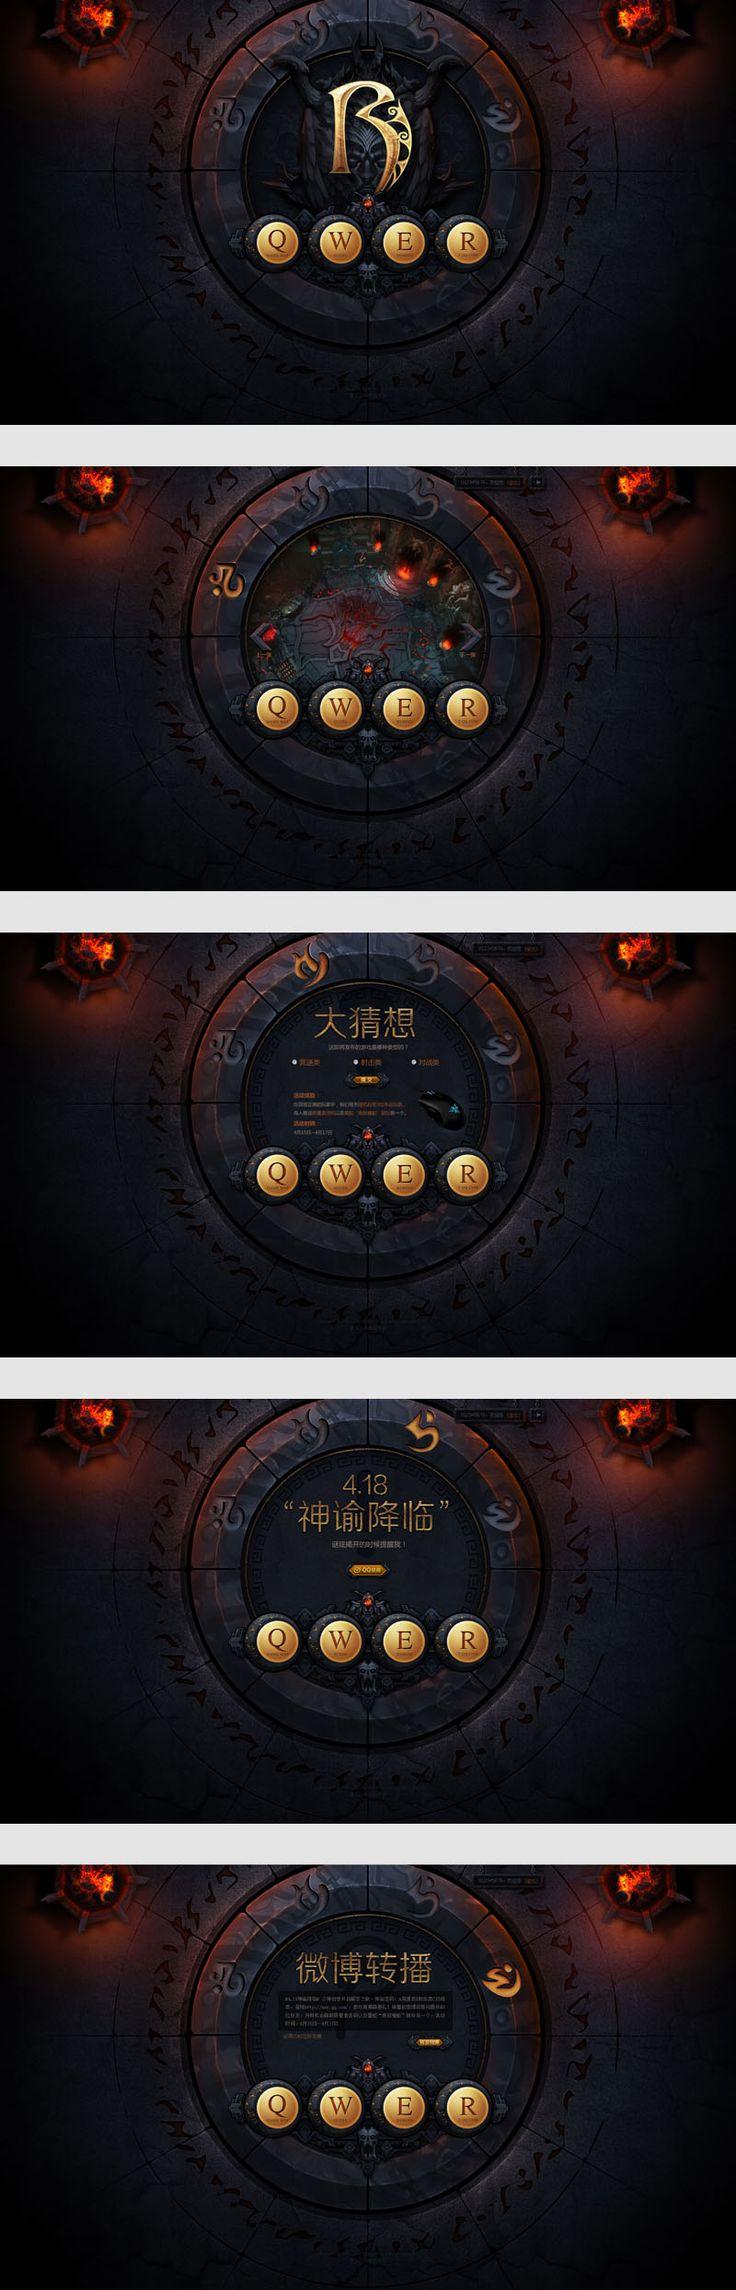 13年RGame-预热站 |GAMEUI- 游戏设计圈聚集地 | 游戏UI | 游戏界面 | 游戏图标 | 游戏网站 | 游戏群 | 游戏设计